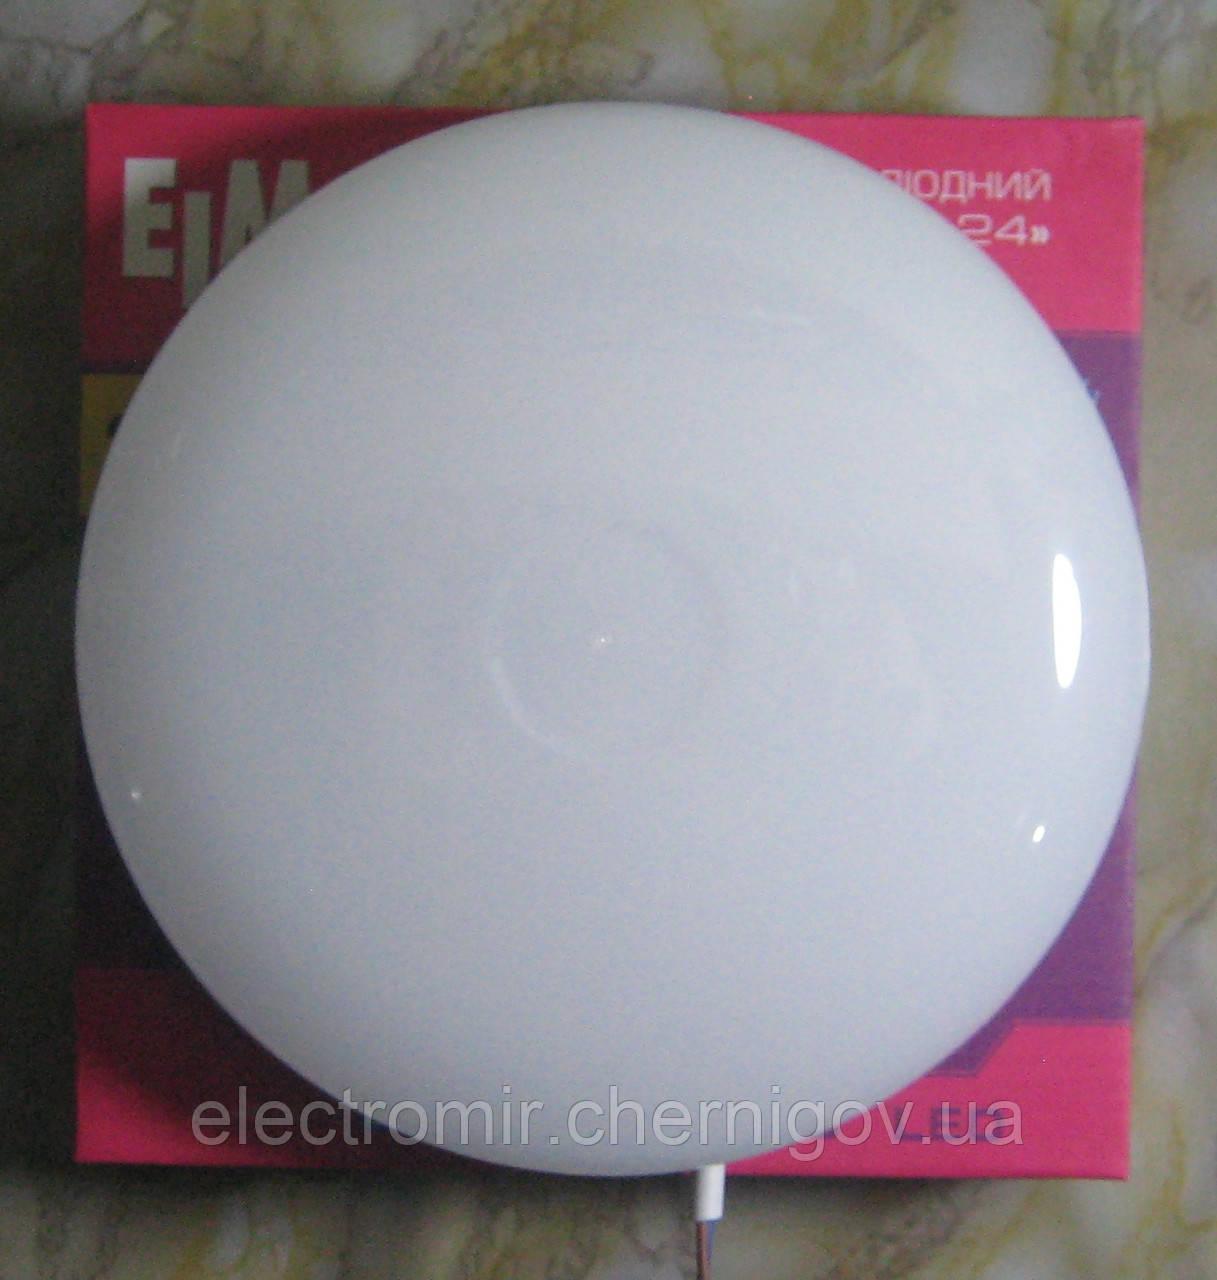 Світильник світлодіодний накладний круглий ELM VEGA-24